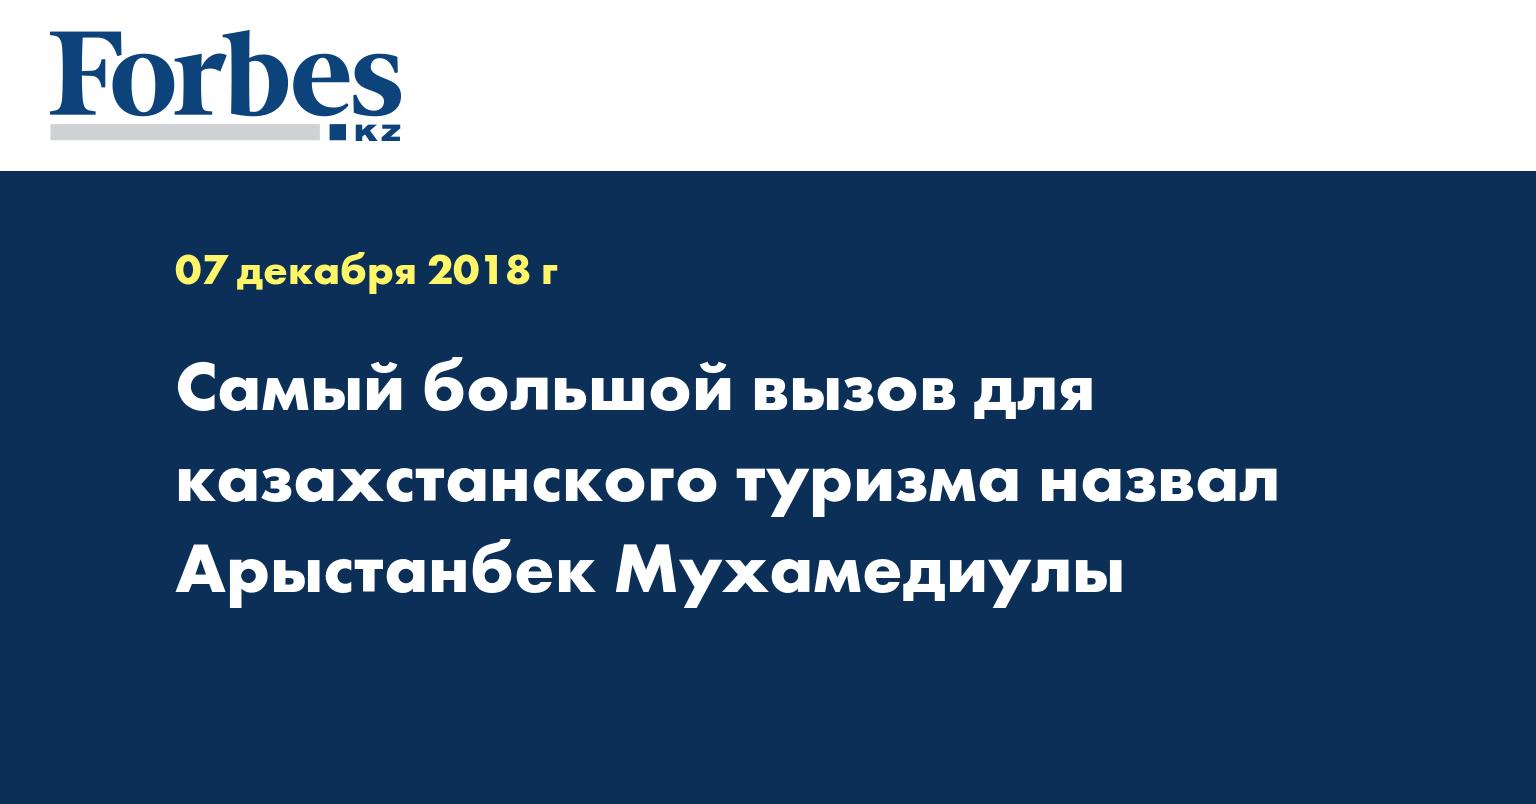 Самый большой вызов для казахстанского туризма назвал Арыстанбек Мухамедиулы